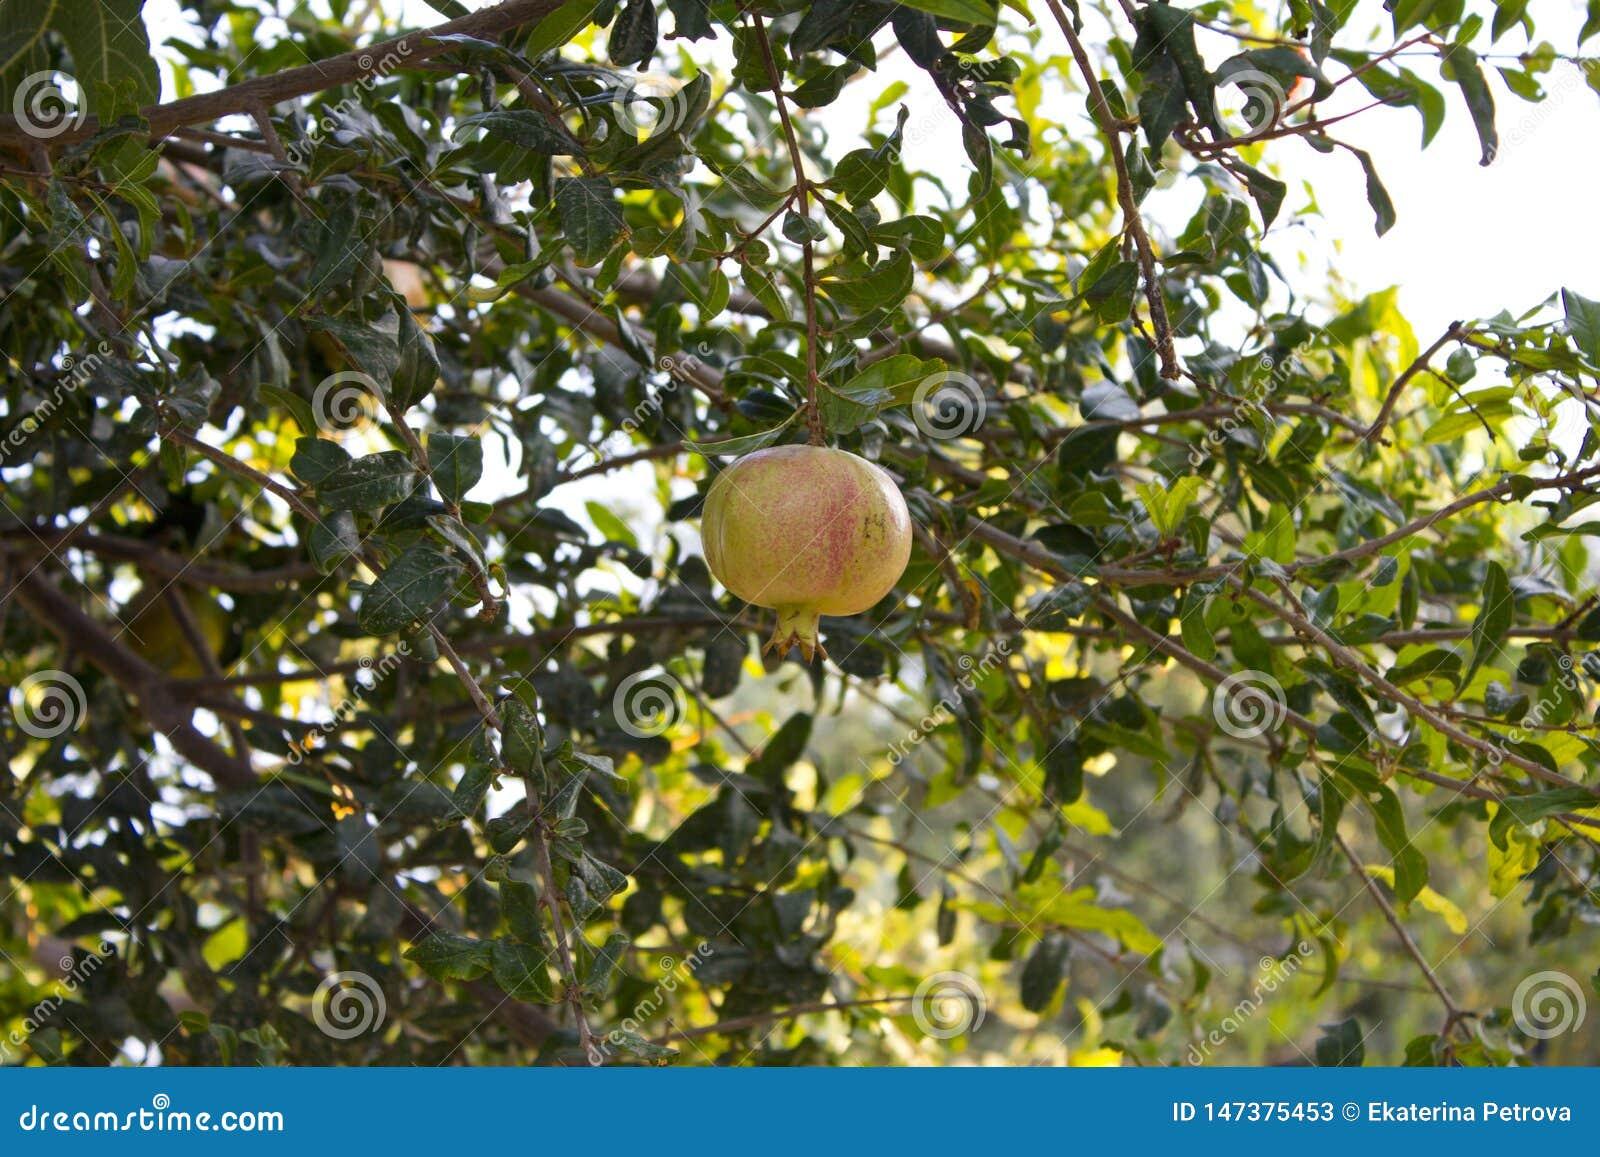 En gul granatrött som hänger på en filial med grön lövverk Den mogna granatäpplet växer på ett träd Gul granatrött